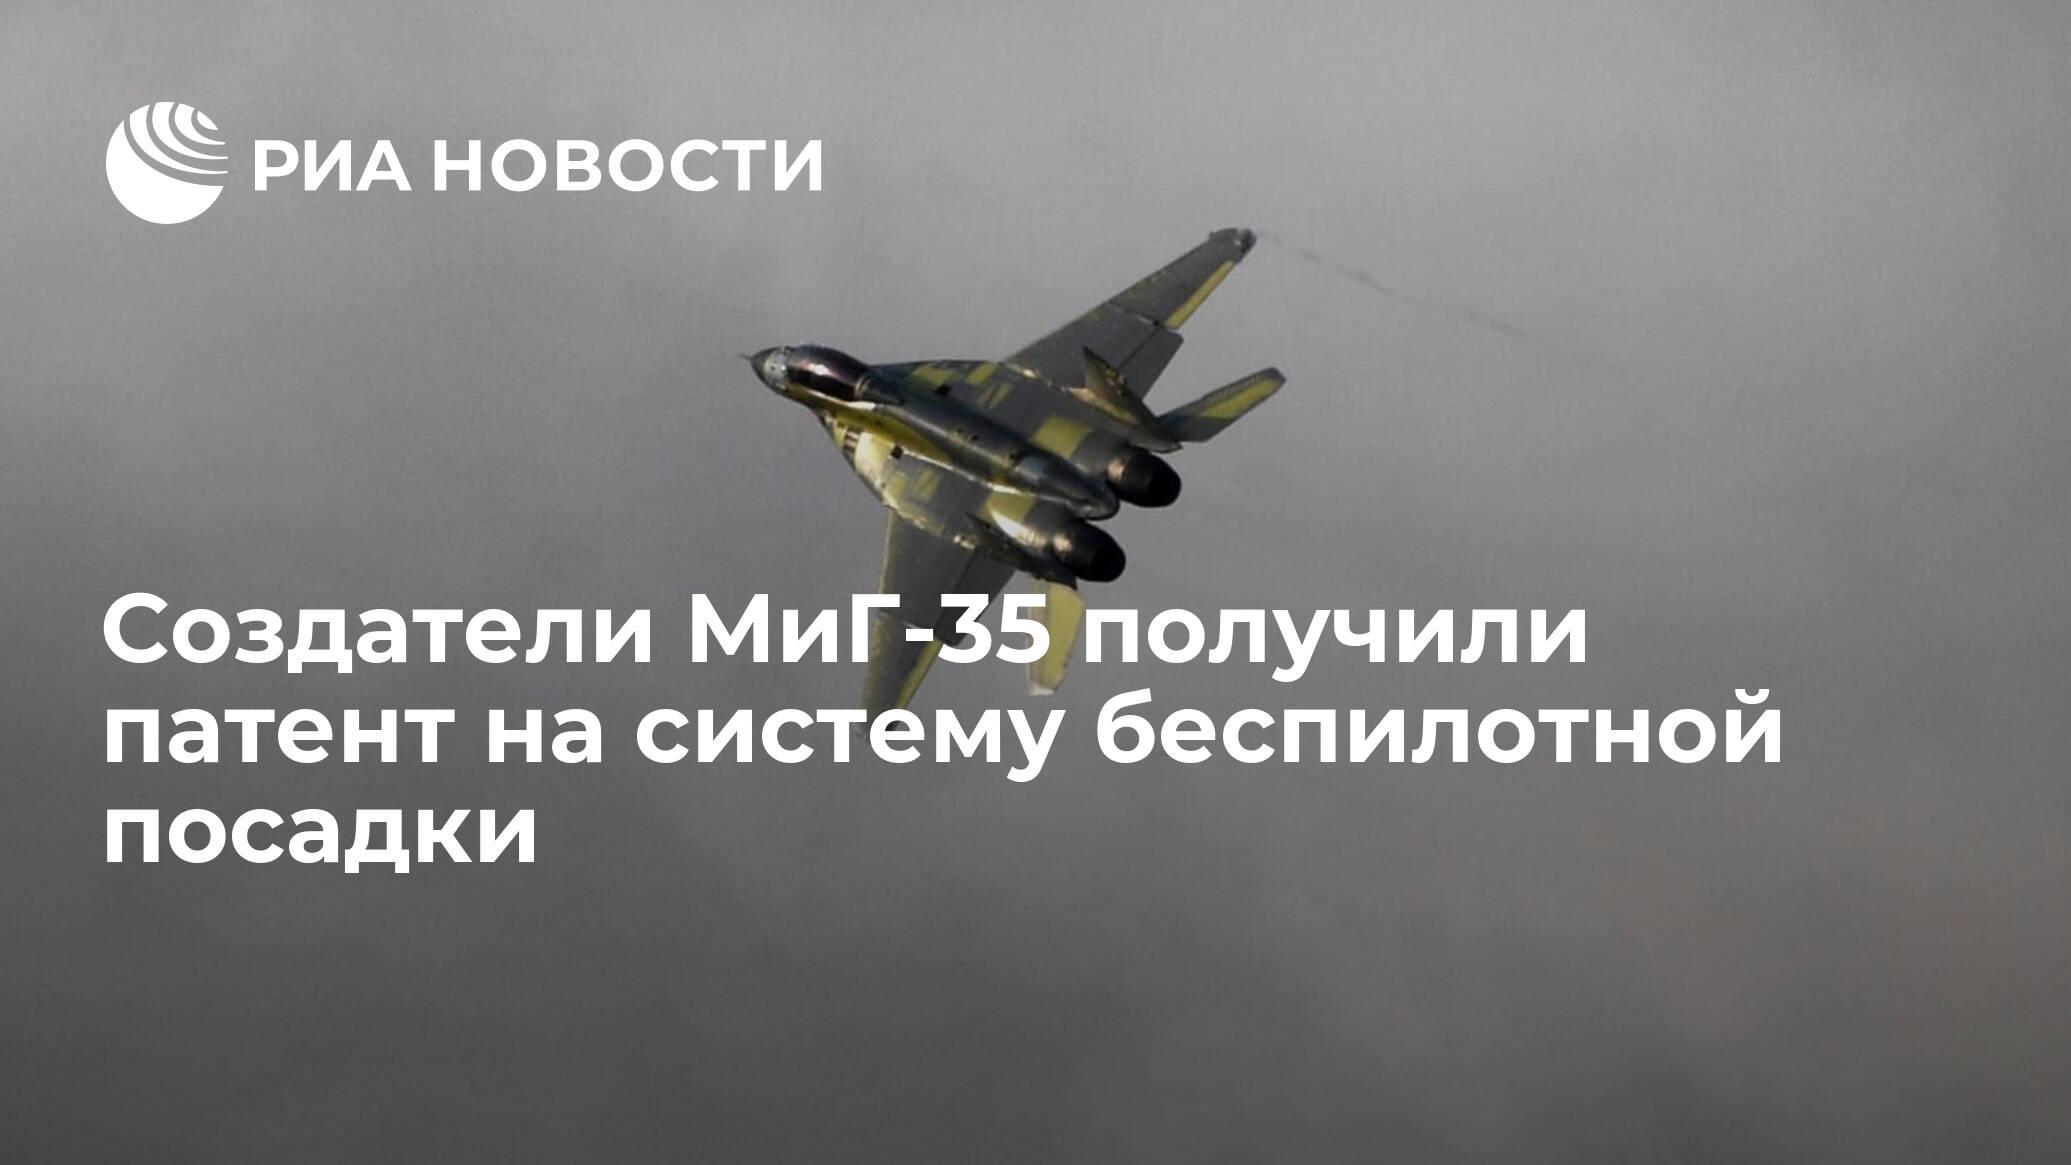 Создатели МиГ-35 получили патент на систему беспилотной посадки